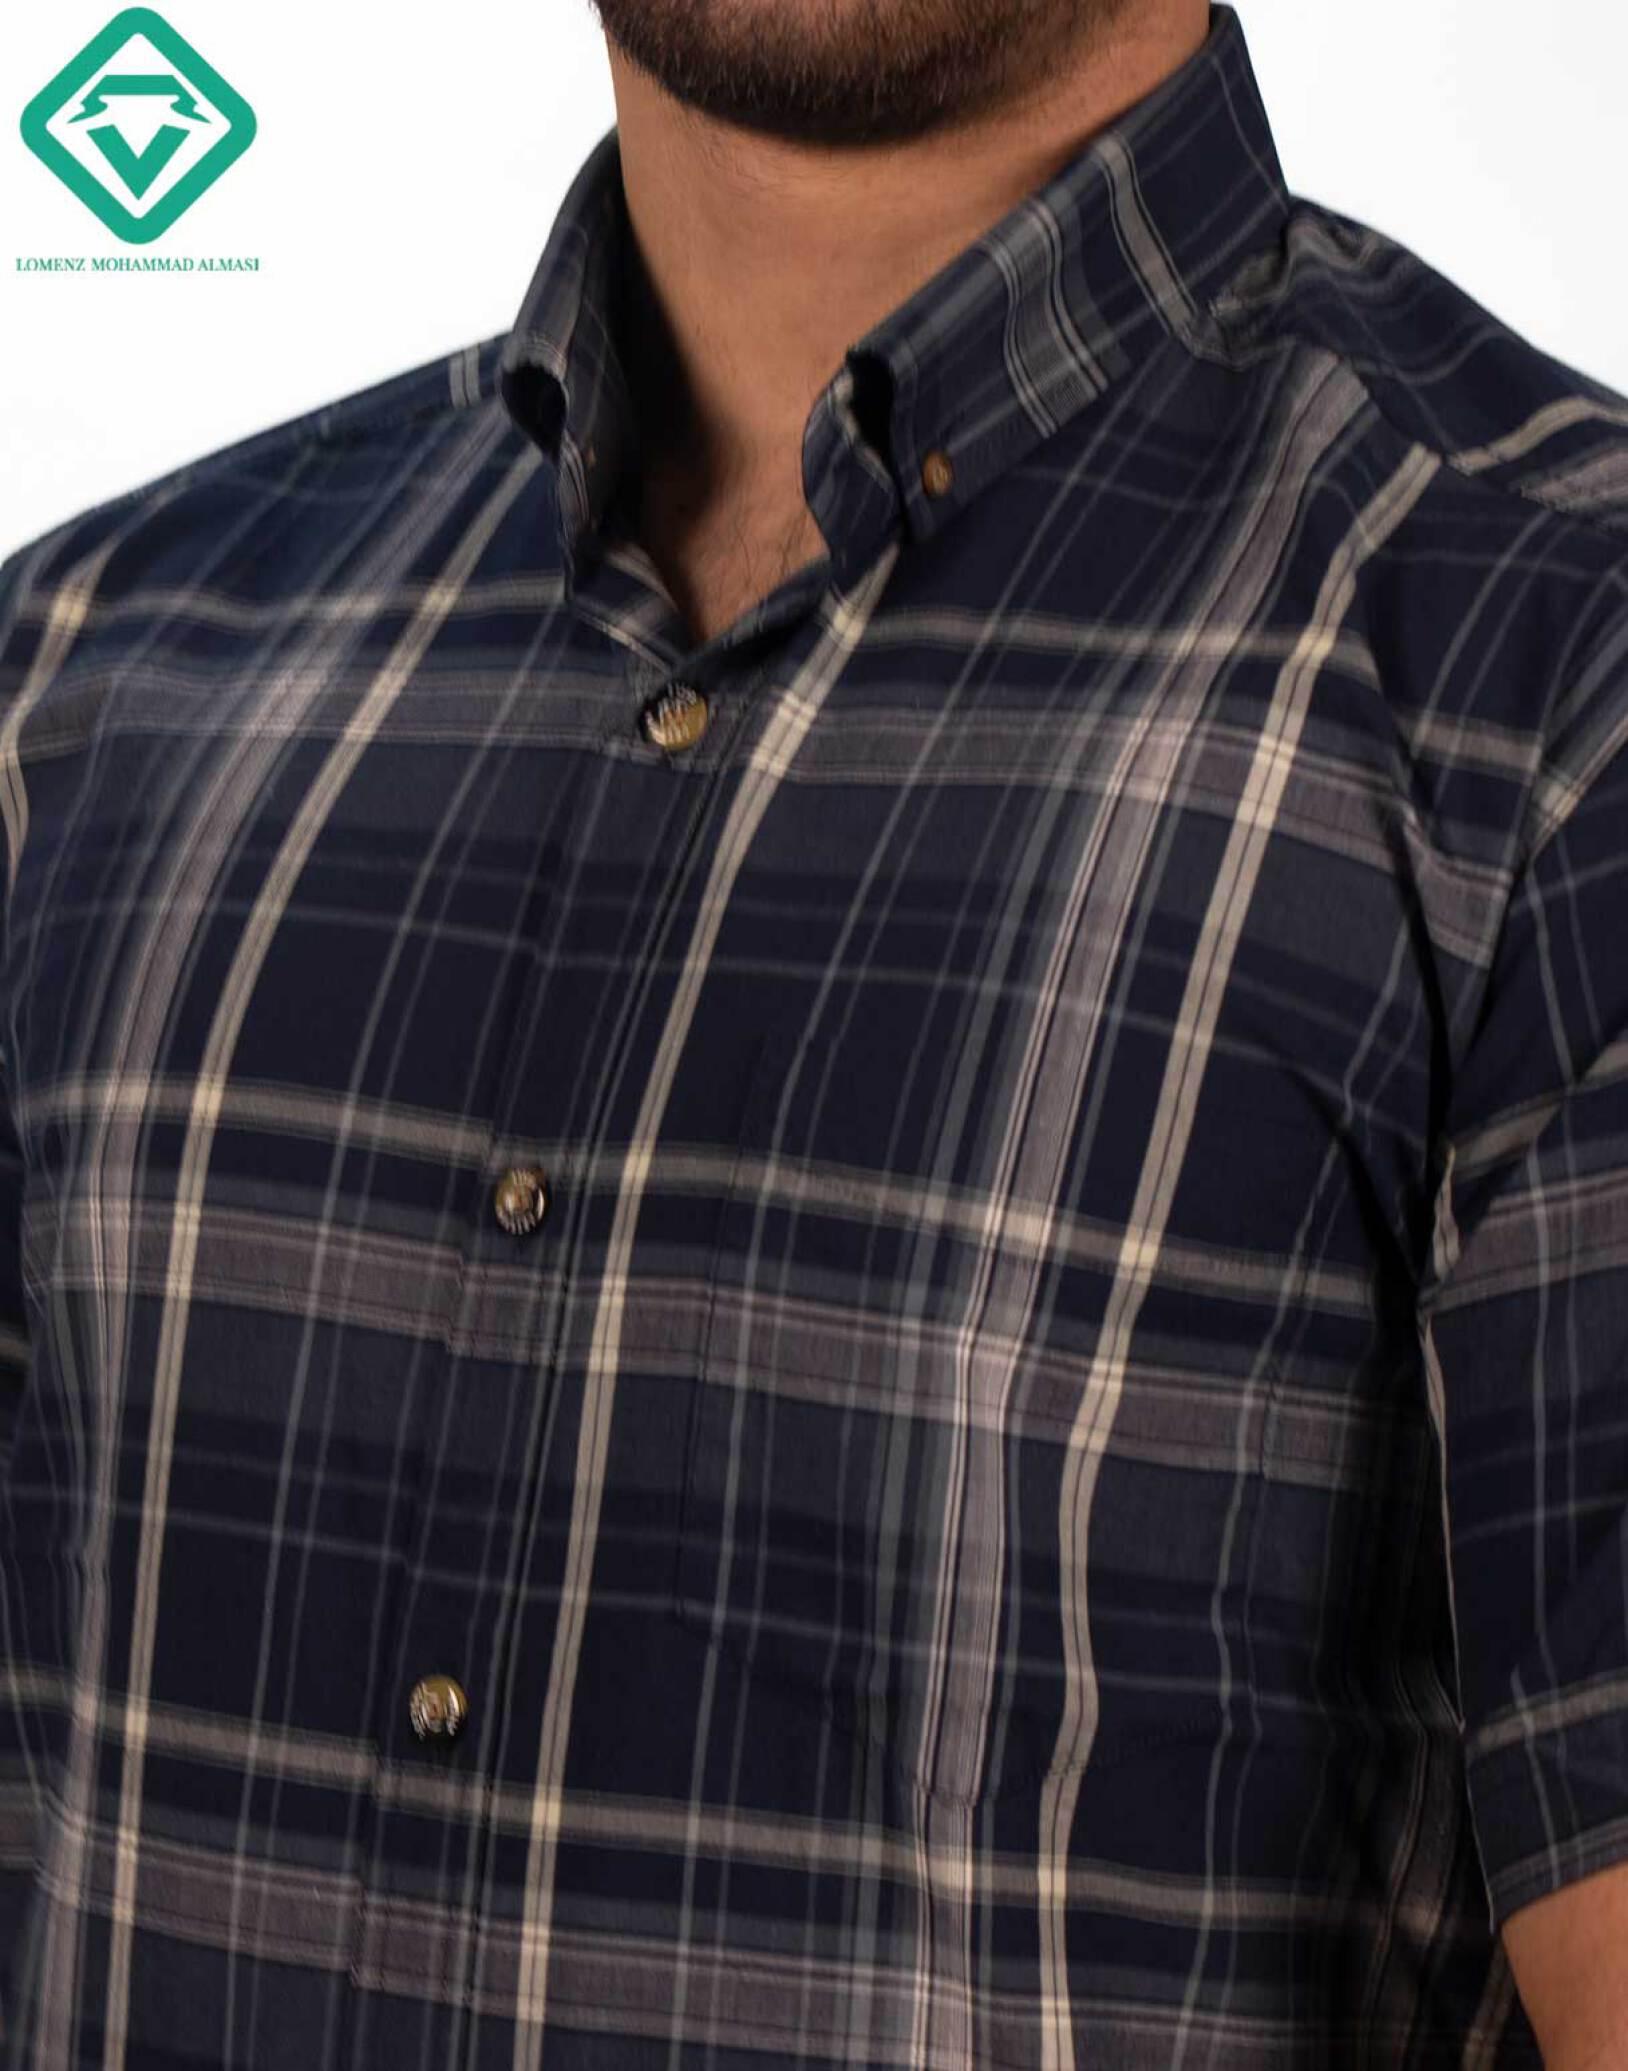 پیراهن اسپرت چهارخونه کد 011 تولید شده توسط سایت لومنز